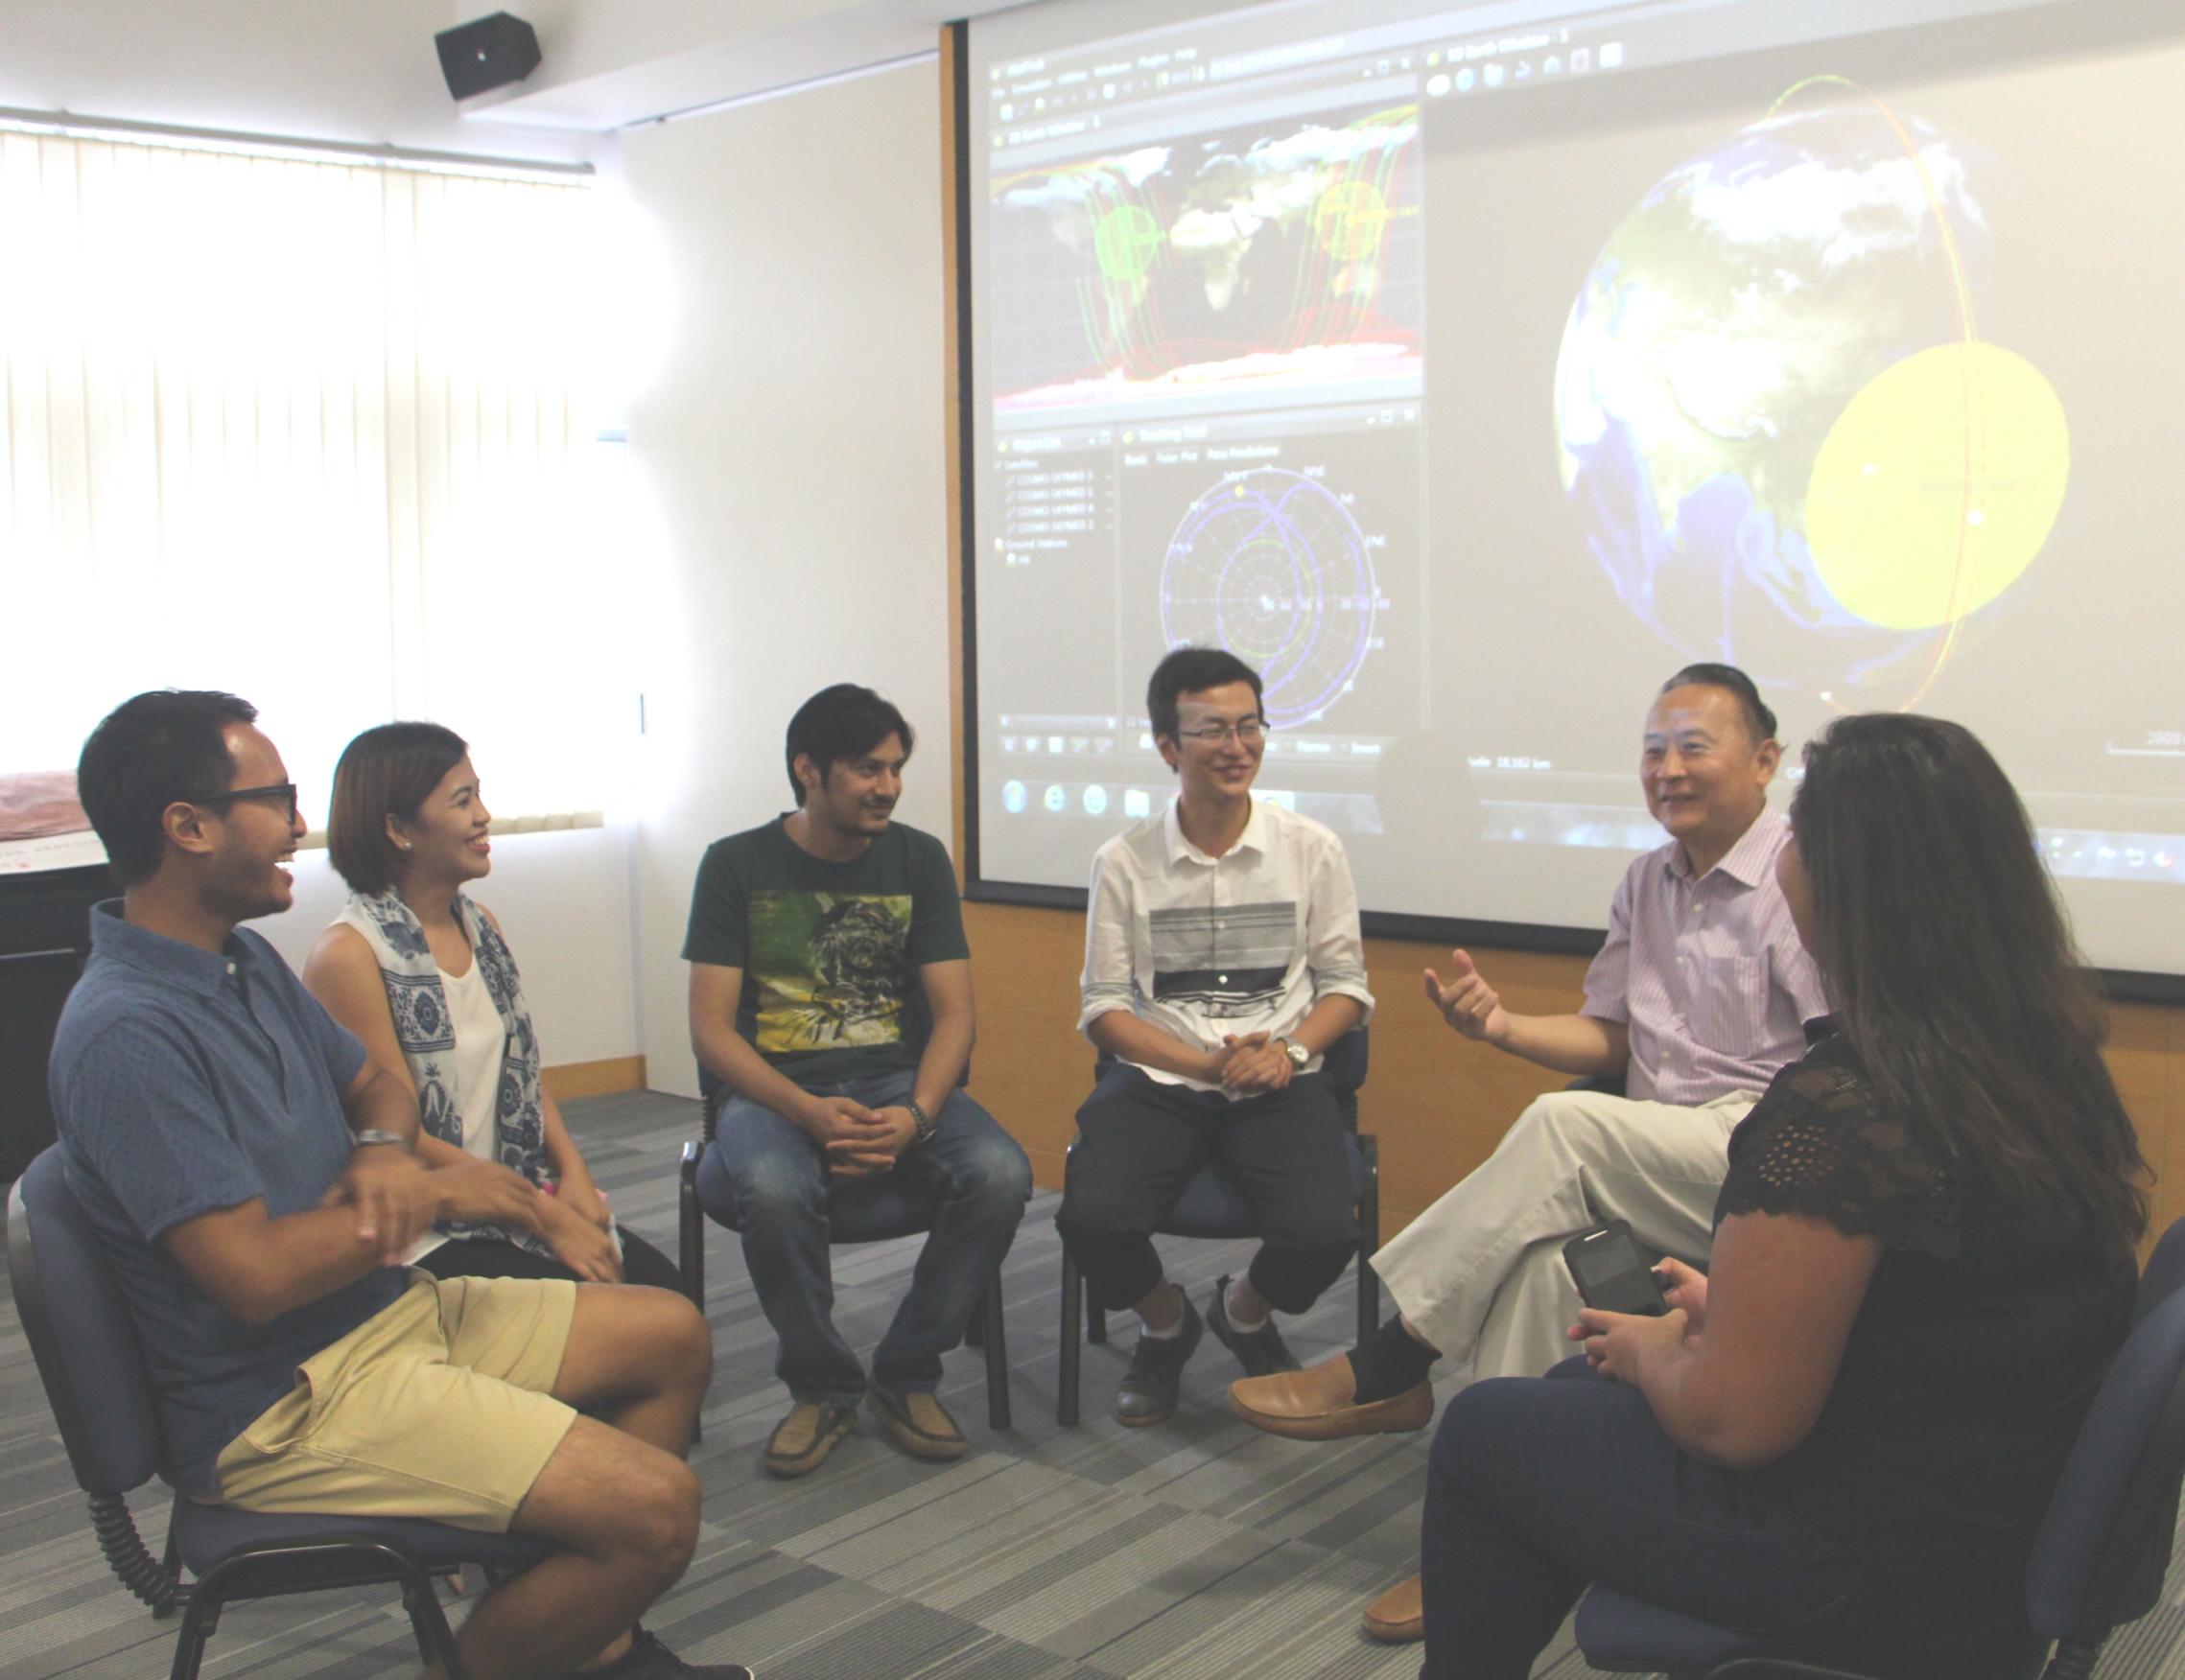 中大太空所所长林珲教授(右二)与获联合国资助到中大进修的国际生谈话。